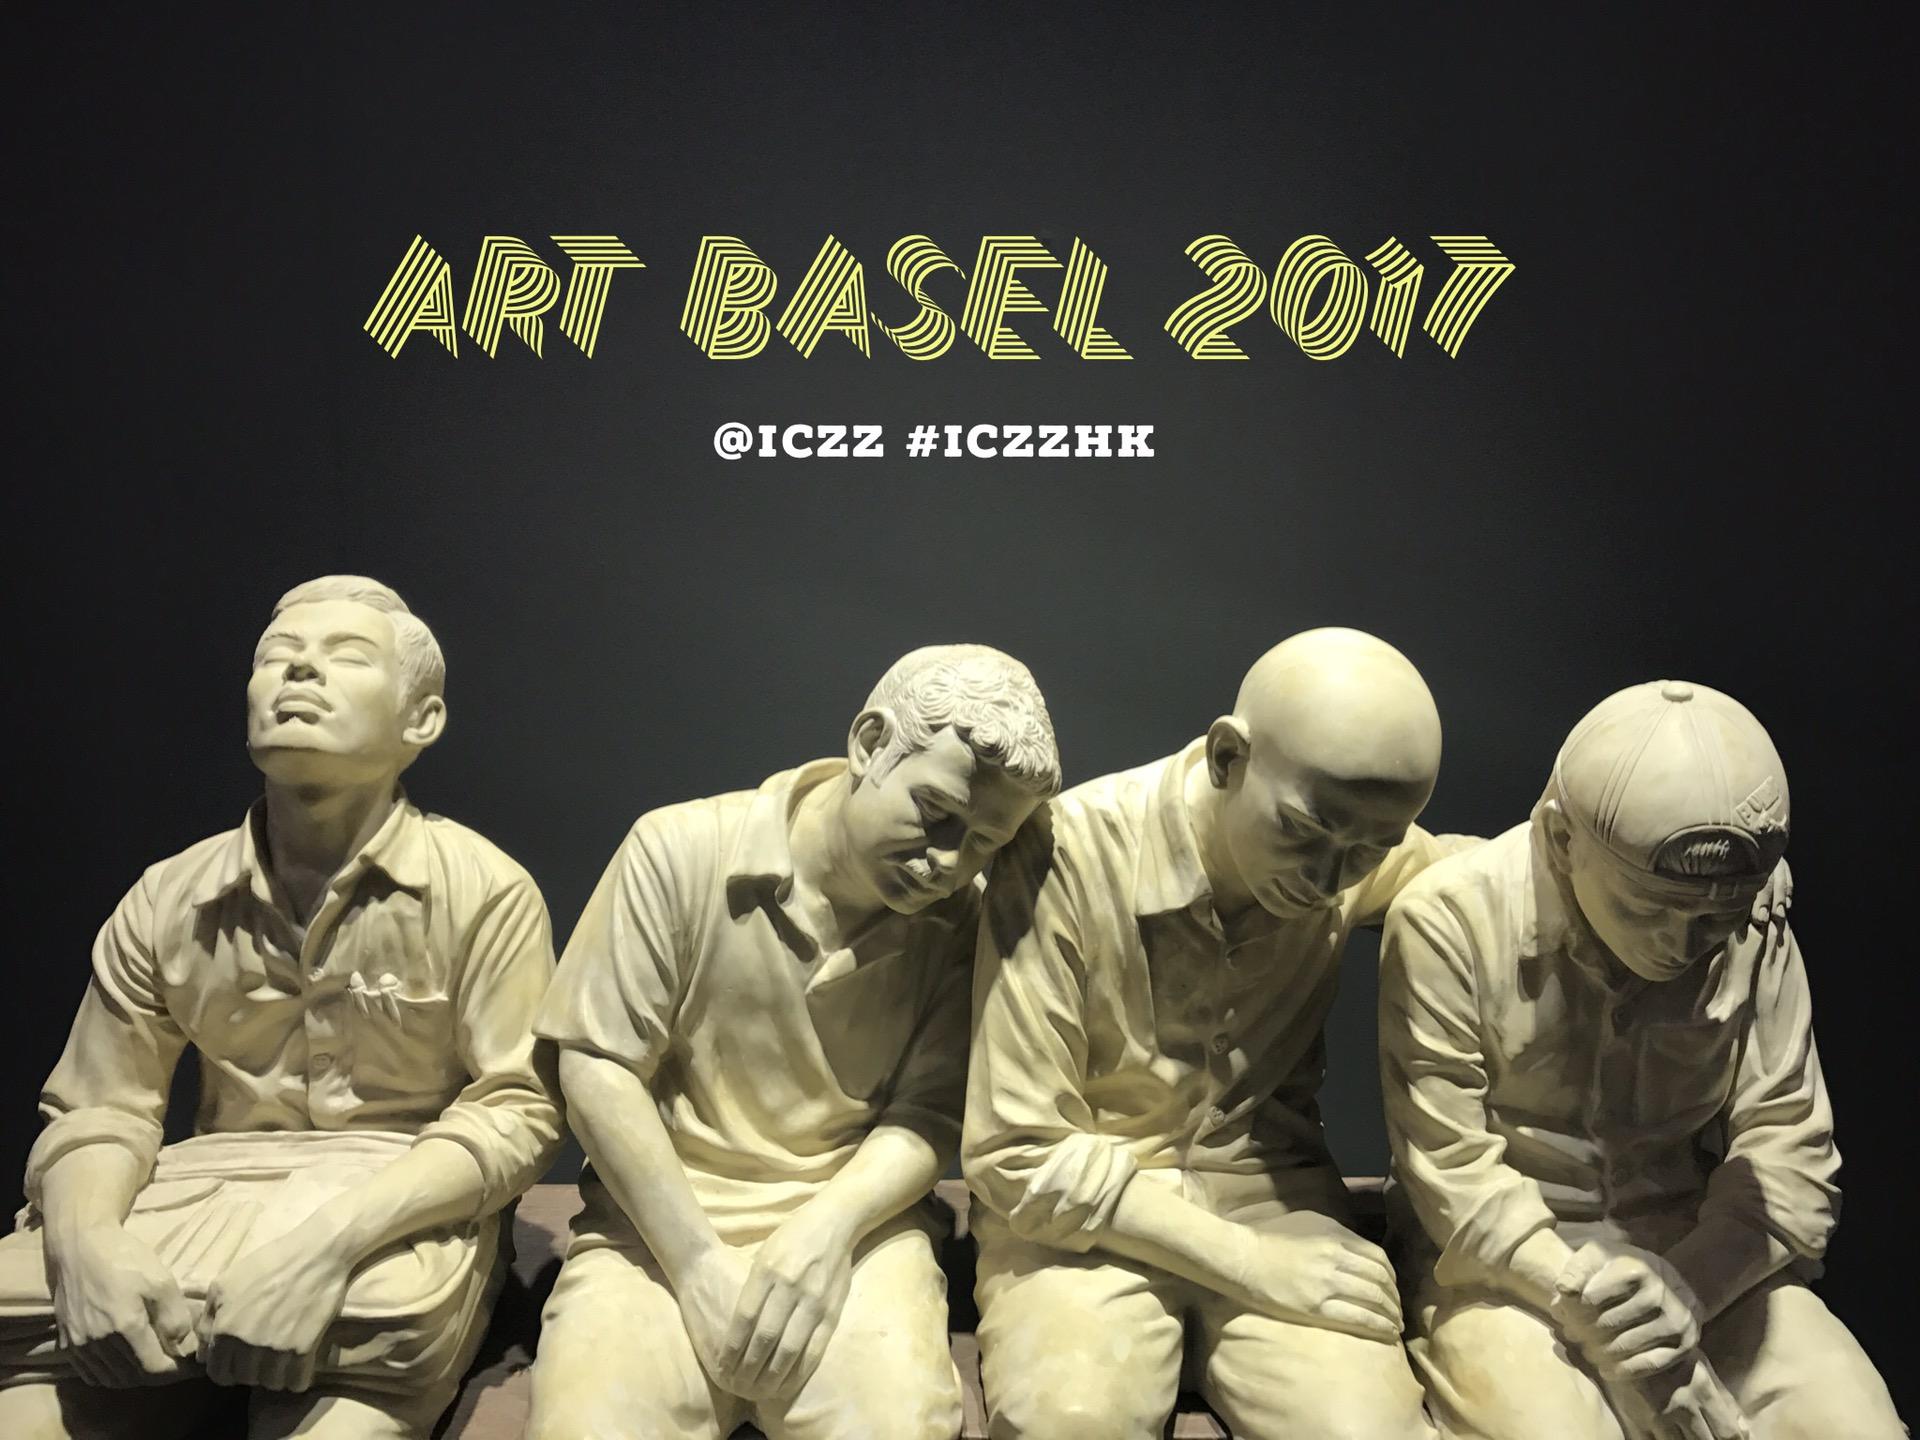 #iczzHK by @iczz , เที่ยว ฮ่องกง 2017 pantip ,Art Basel 2017, Central Art 2017, Art The Beach 2017 ,Hongkong,PMQ HongKong design